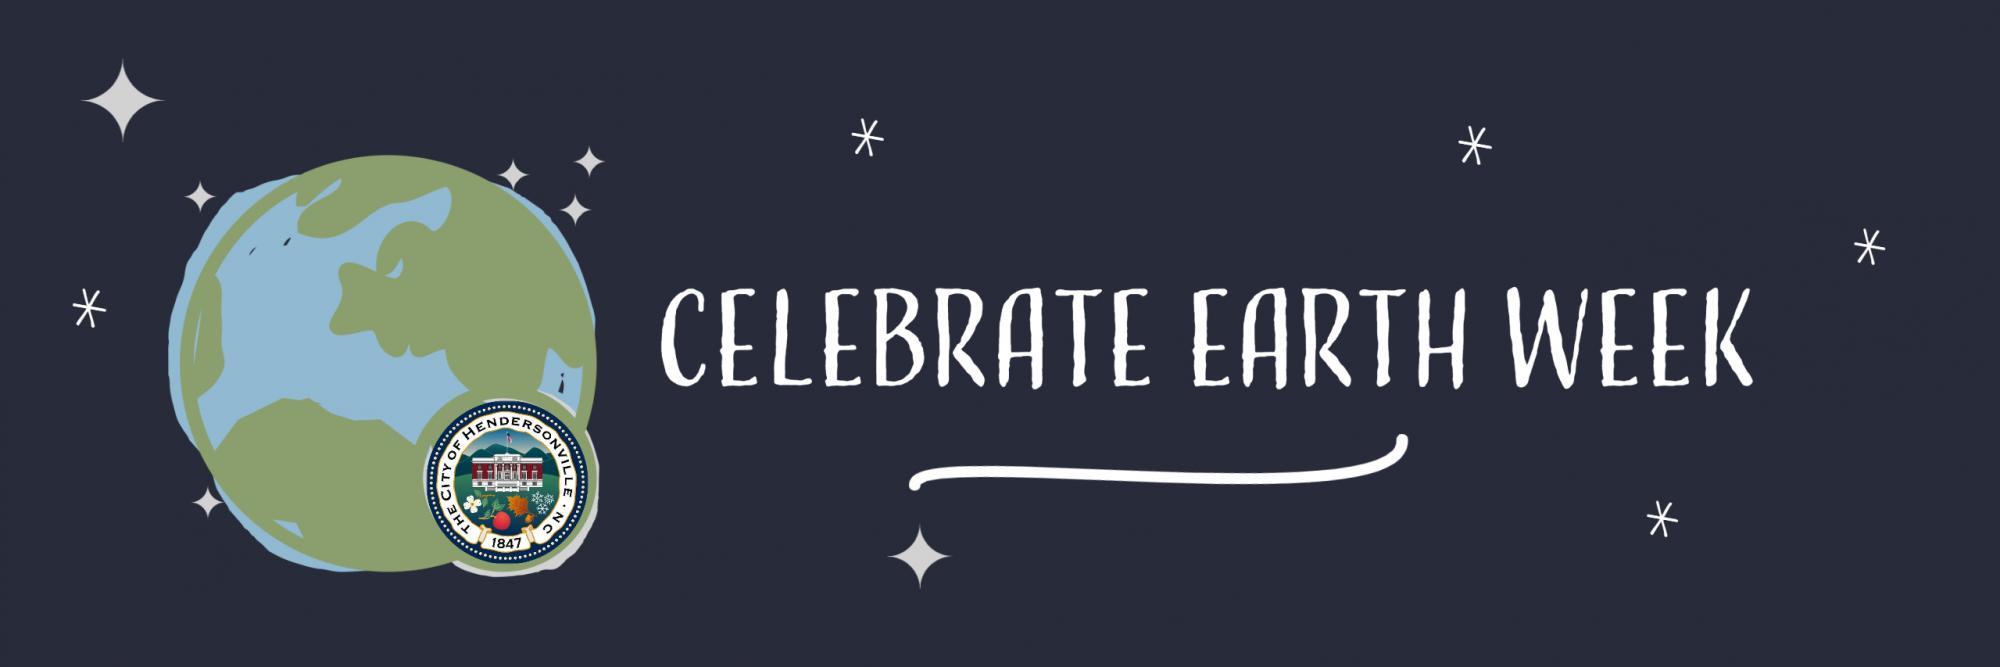 Celebrate Earth Week